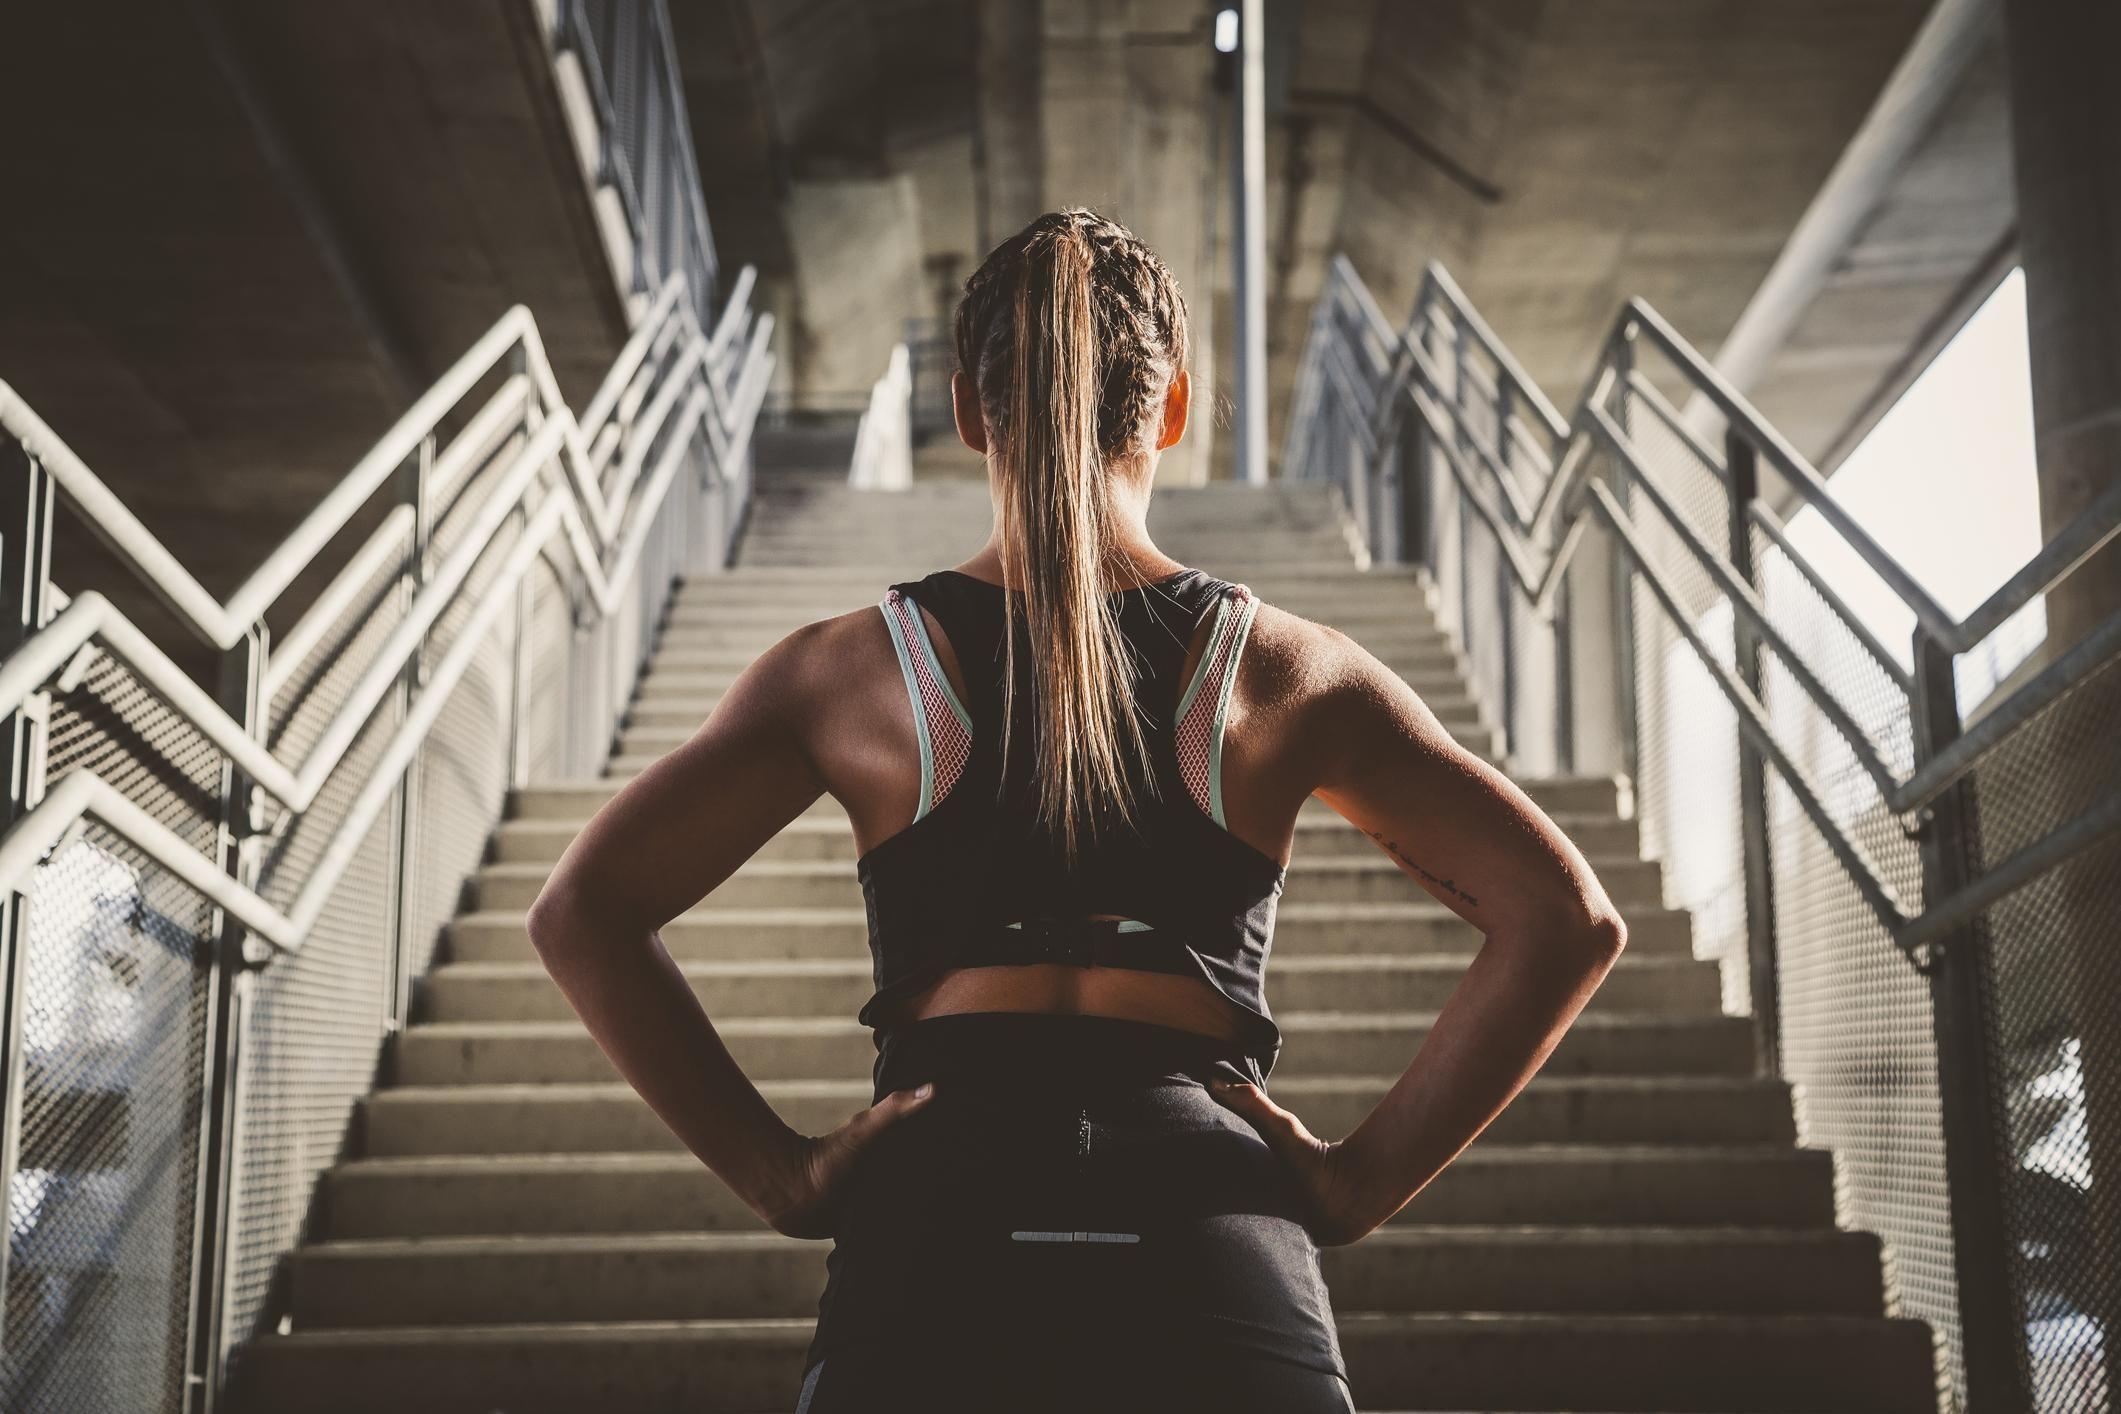 4 Exercices Faciles Et Rapides Pour Muscler Son Dos